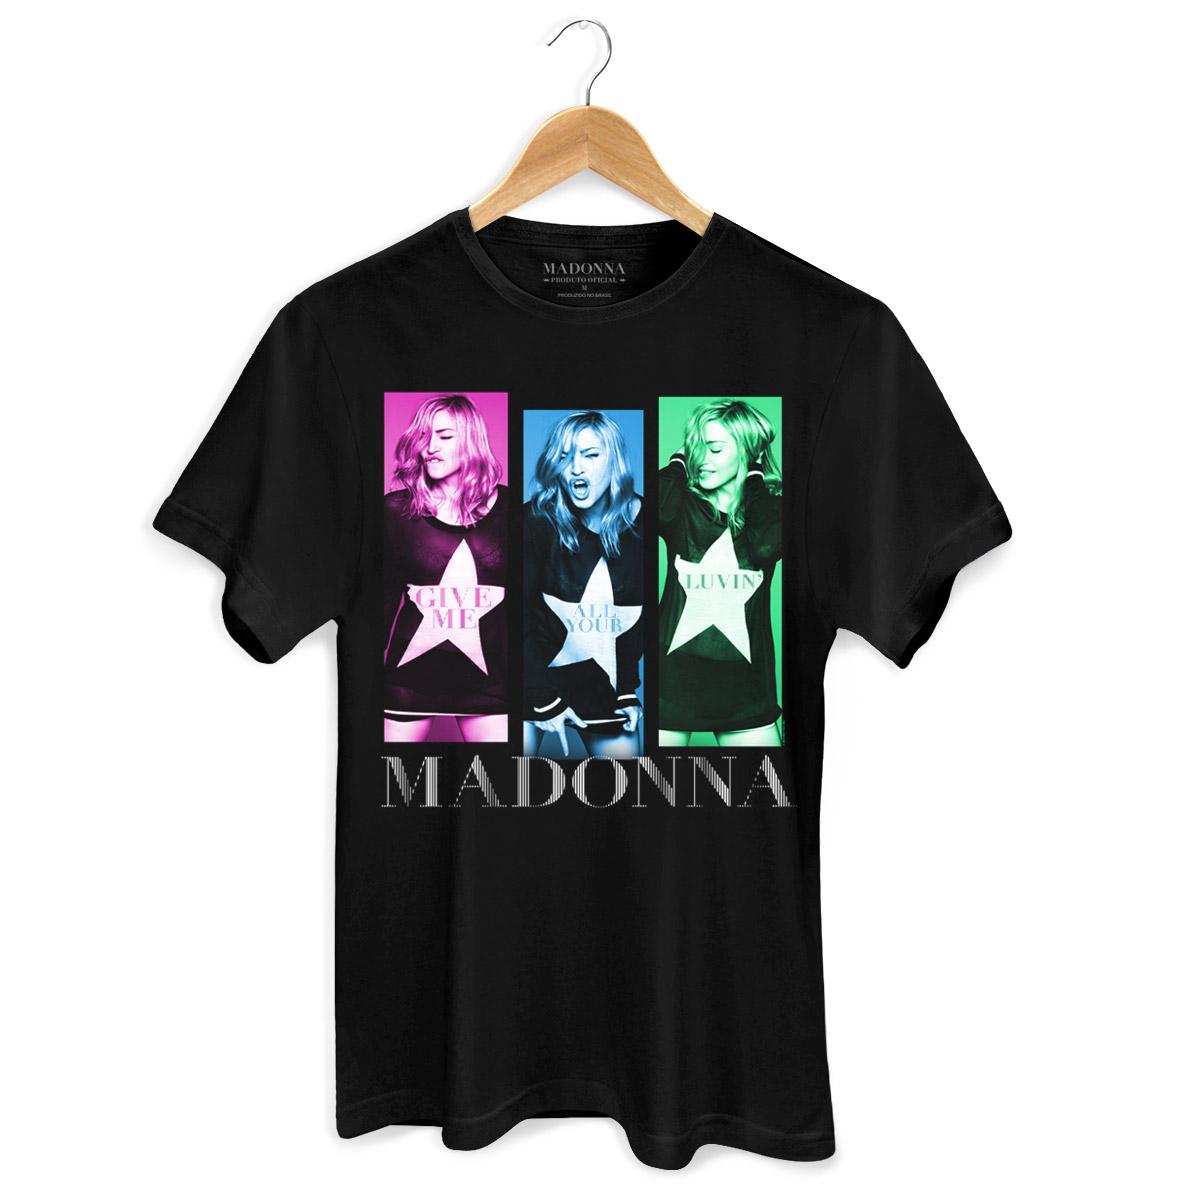 Camiseta Masculina Madonna Gmayl Single